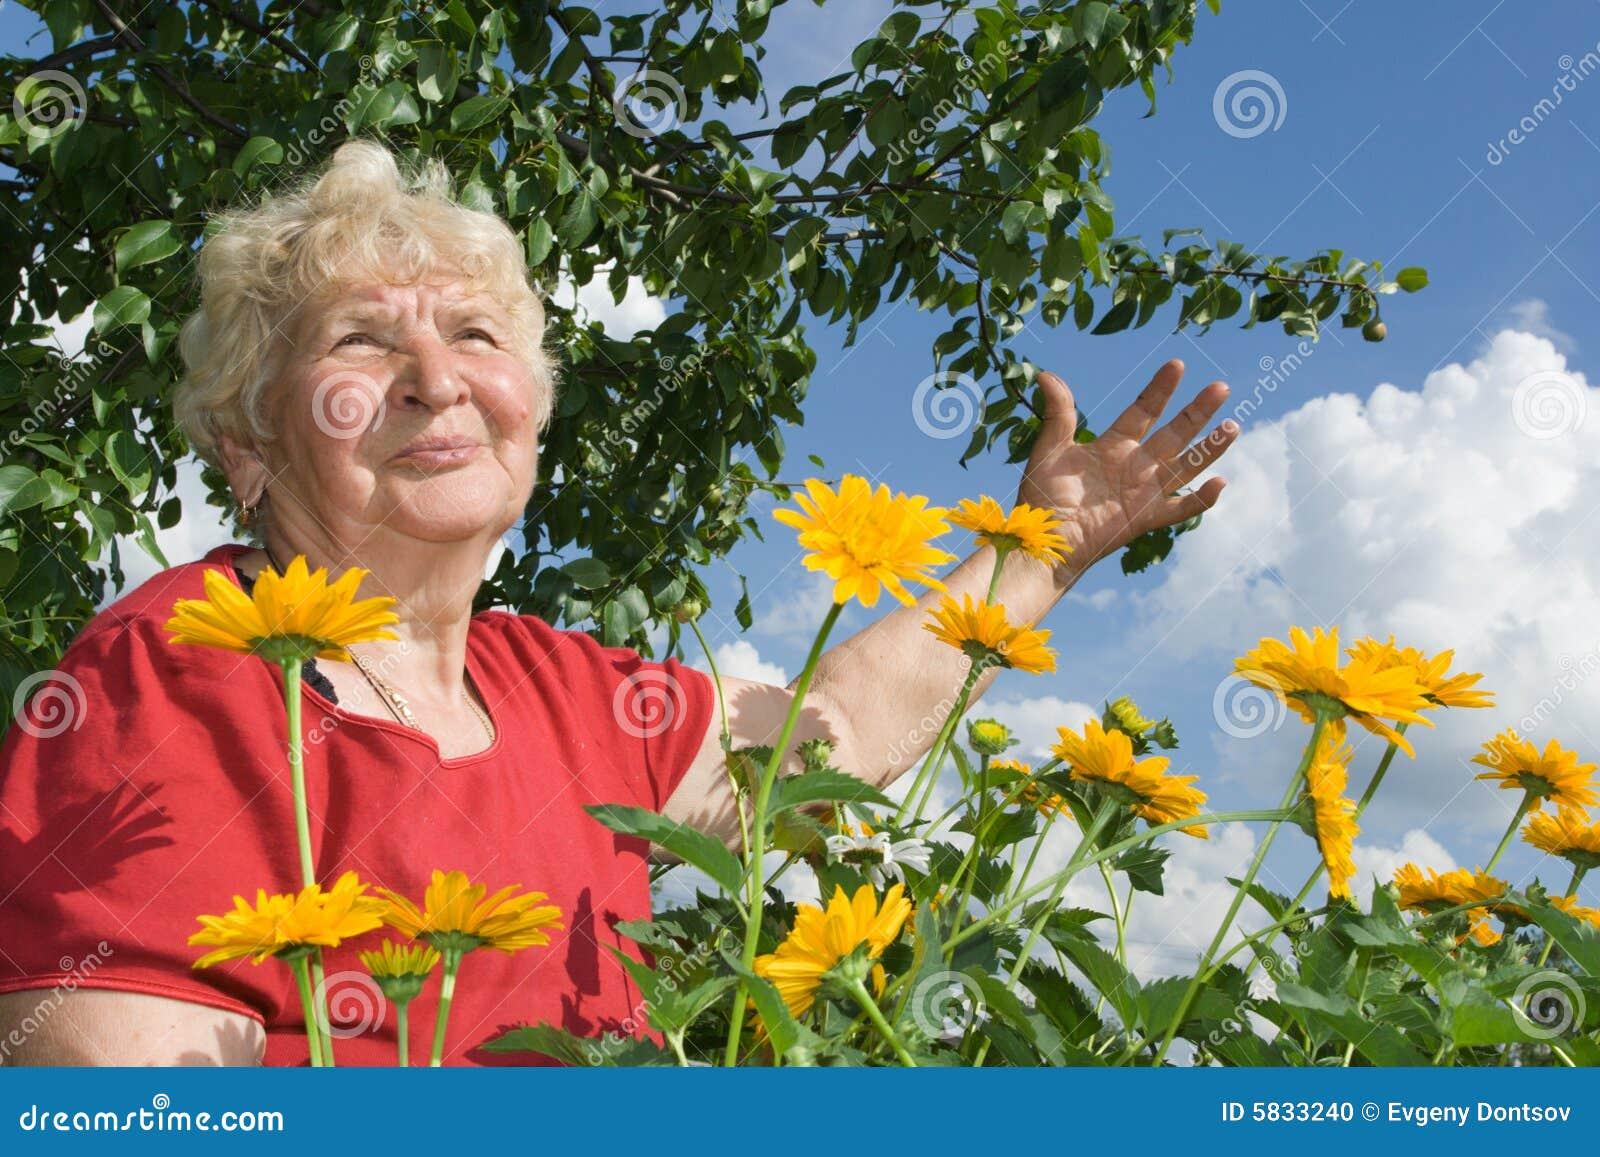 Abuela mirada al cielo